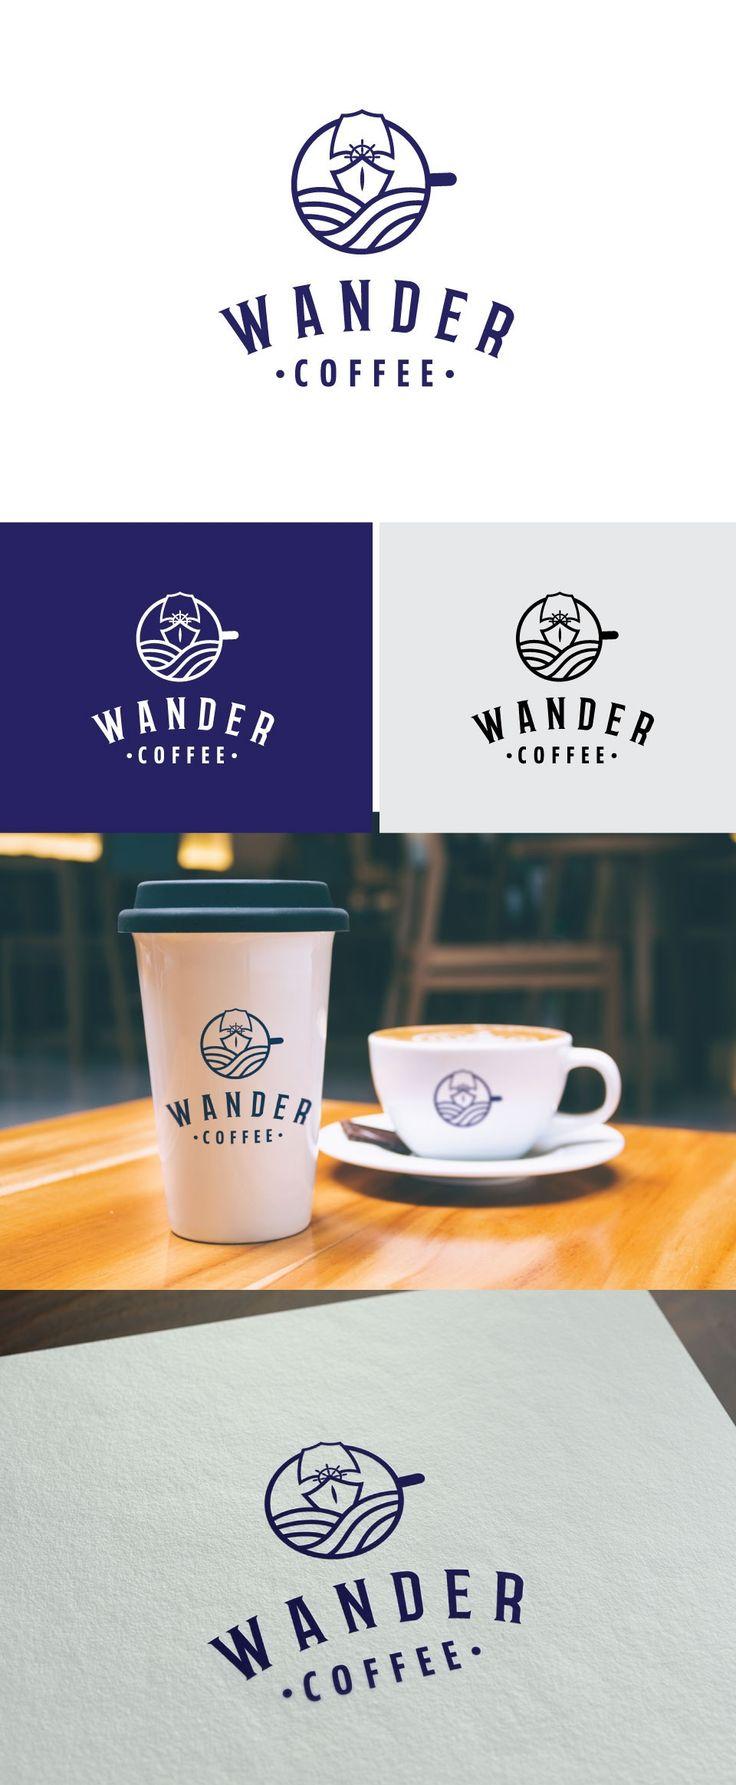 Design #190 by Marija's Designs | Wander Coffee needs a unique logo